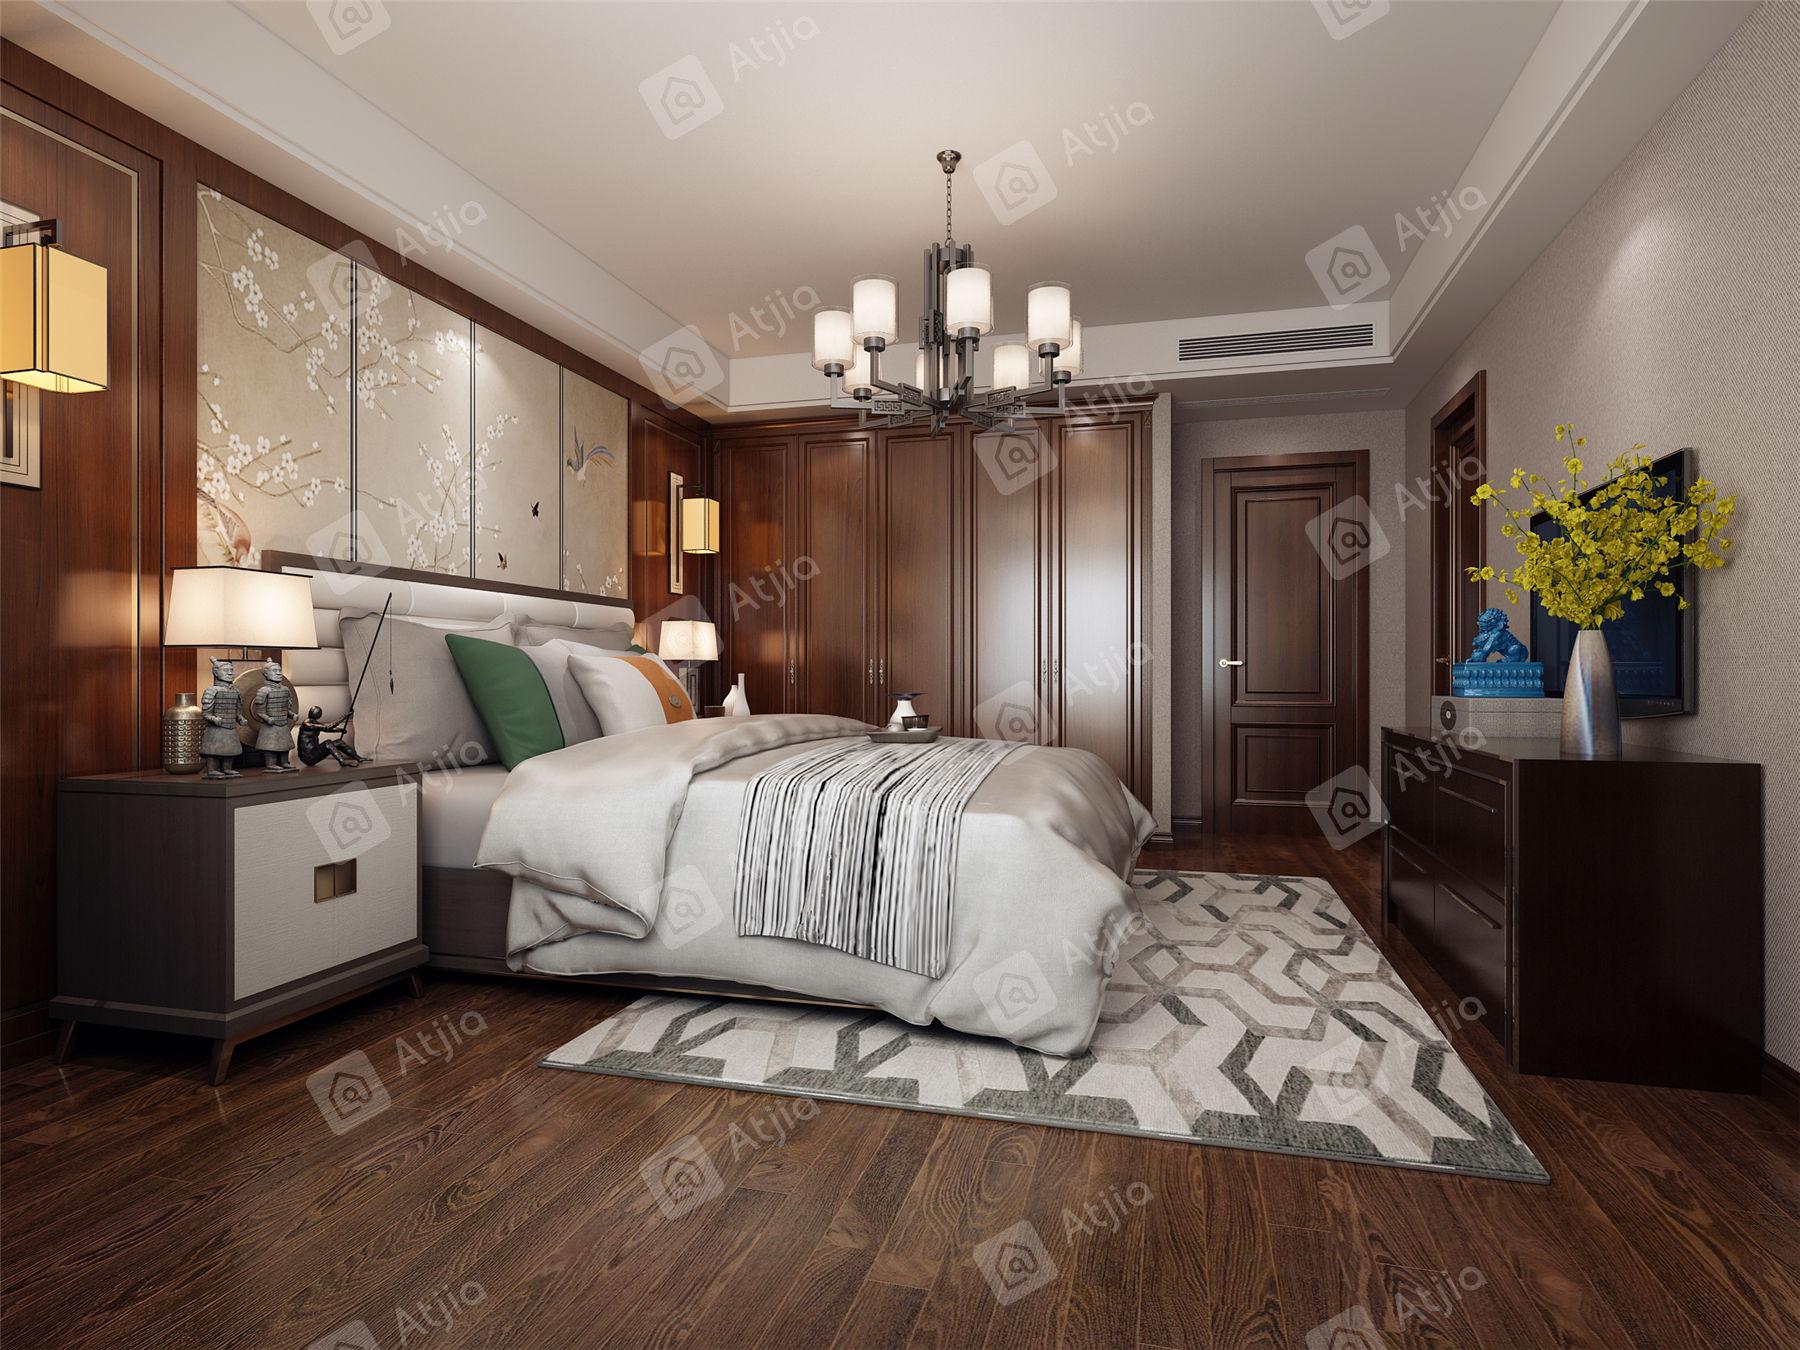 证大满庭芳 中式装修卧室效果图